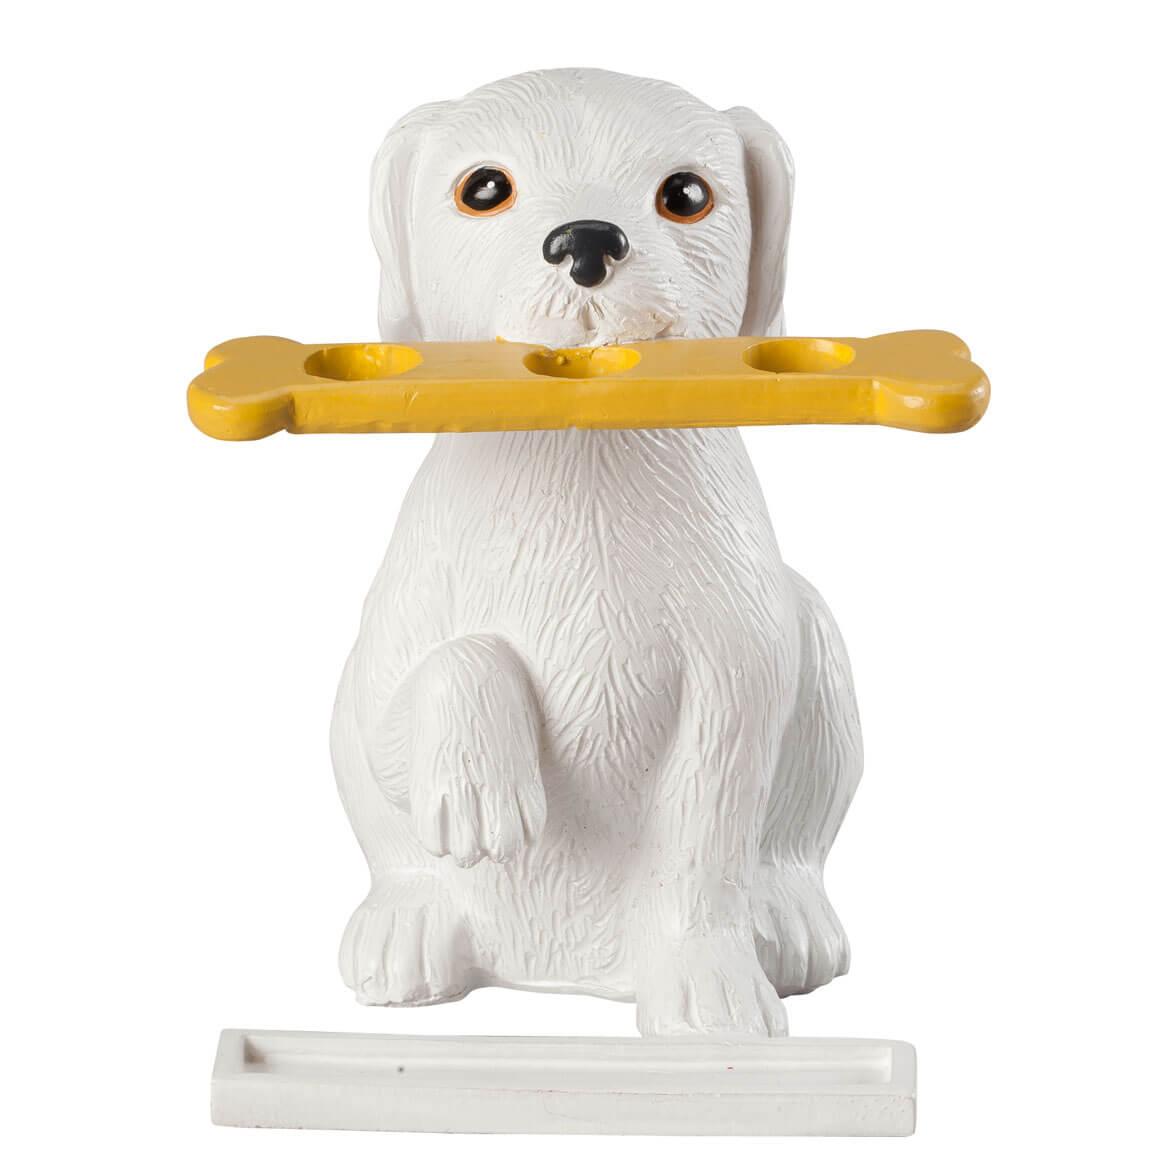 Playful Dog Toothbrush Holder by OakRidge™